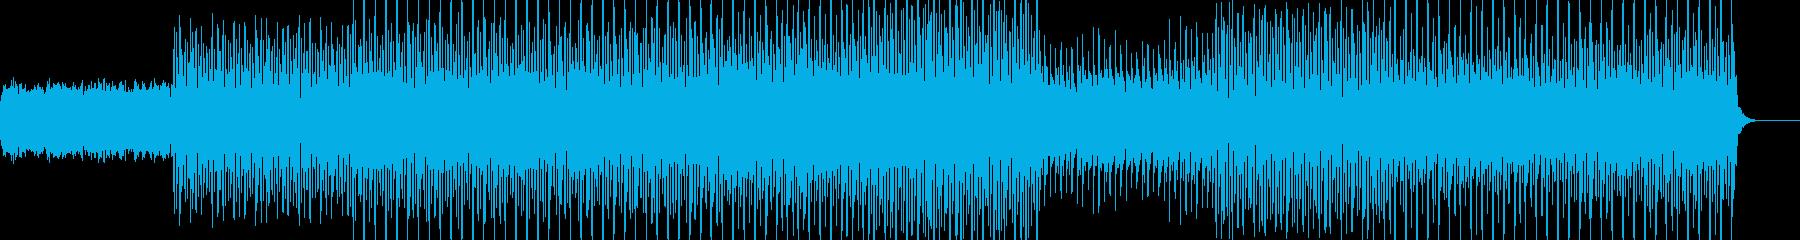 アップテンポな癒し系テクノポップの再生済みの波形